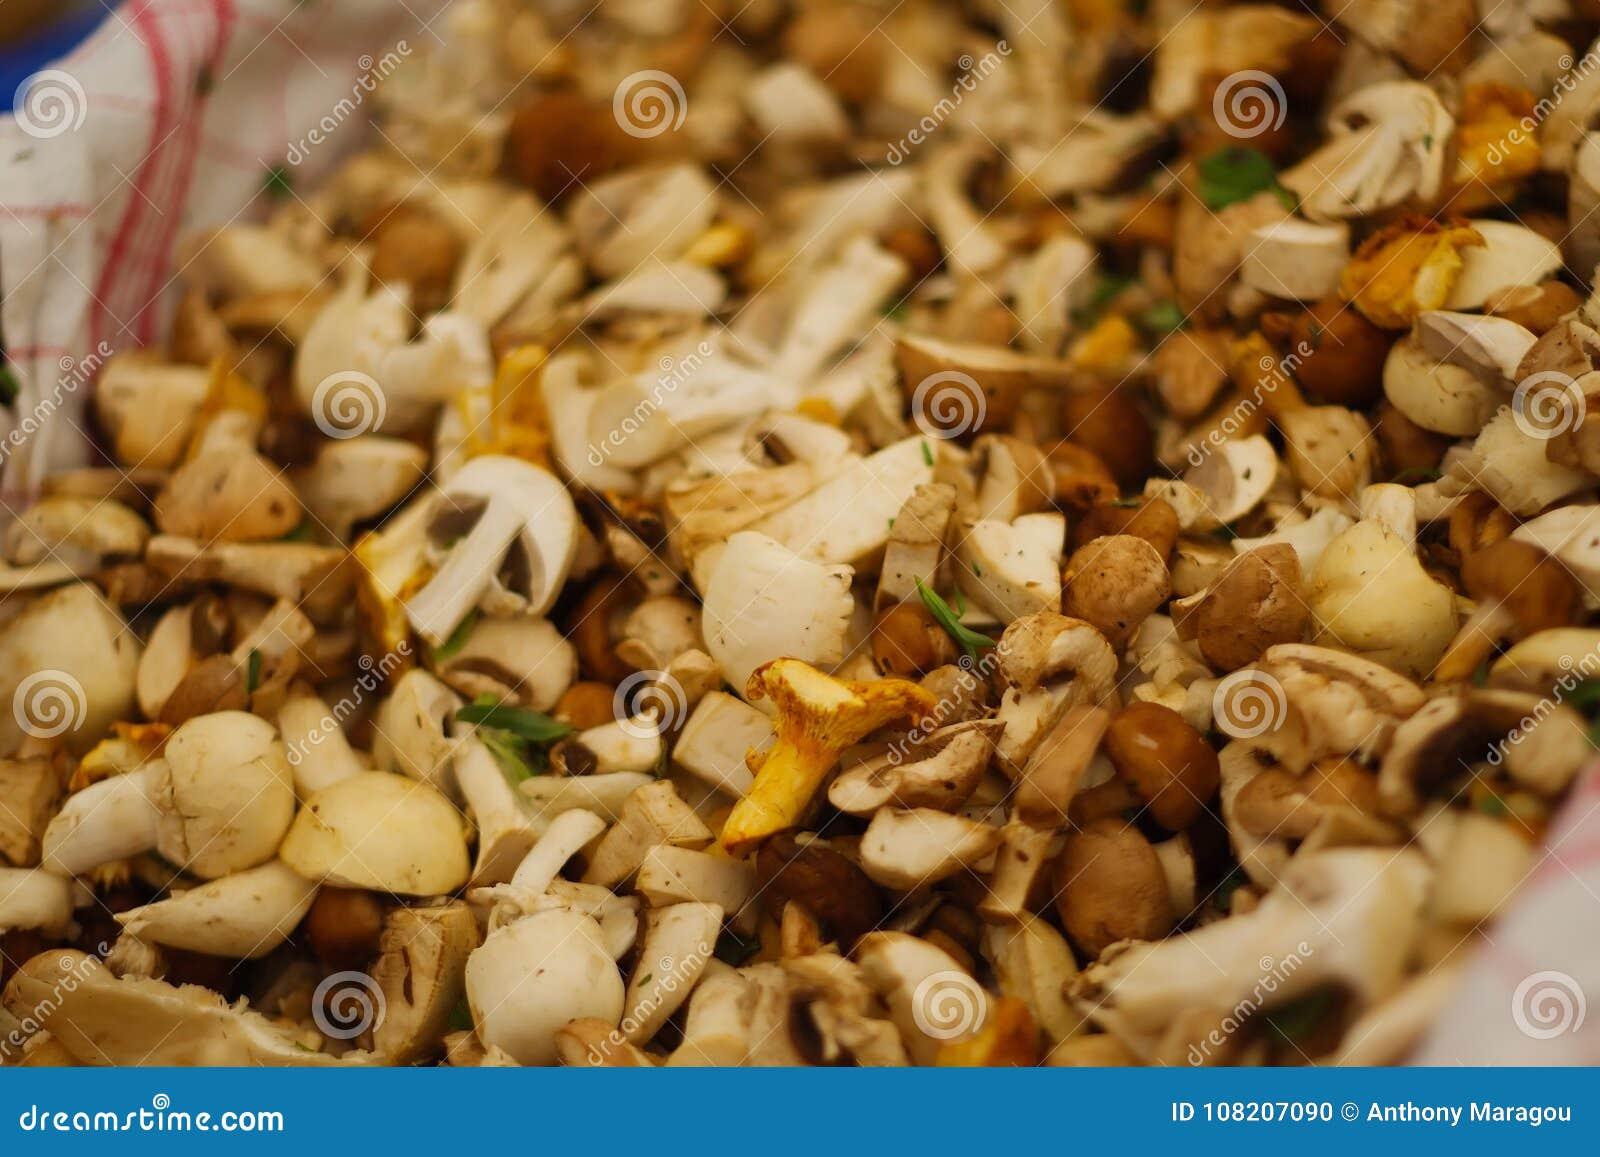 Champignons coupés en tranches au marché